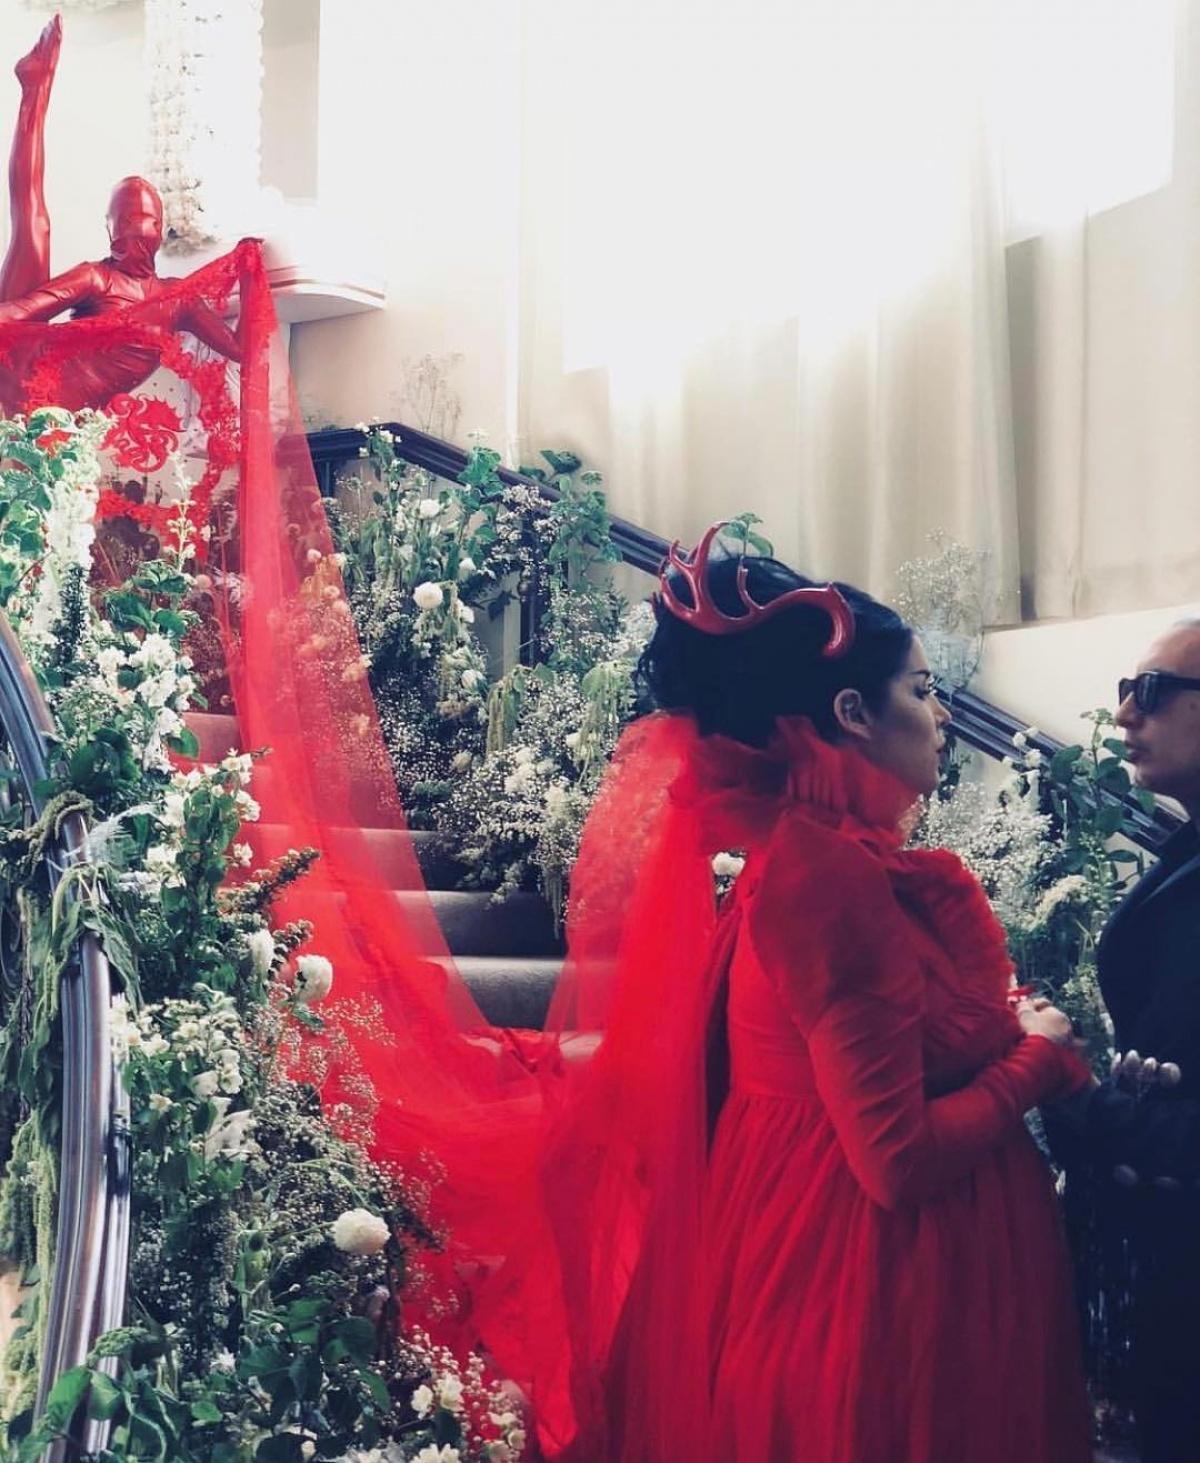 Kat Von D re-marries Leafar Seyer in bright red wedding dress